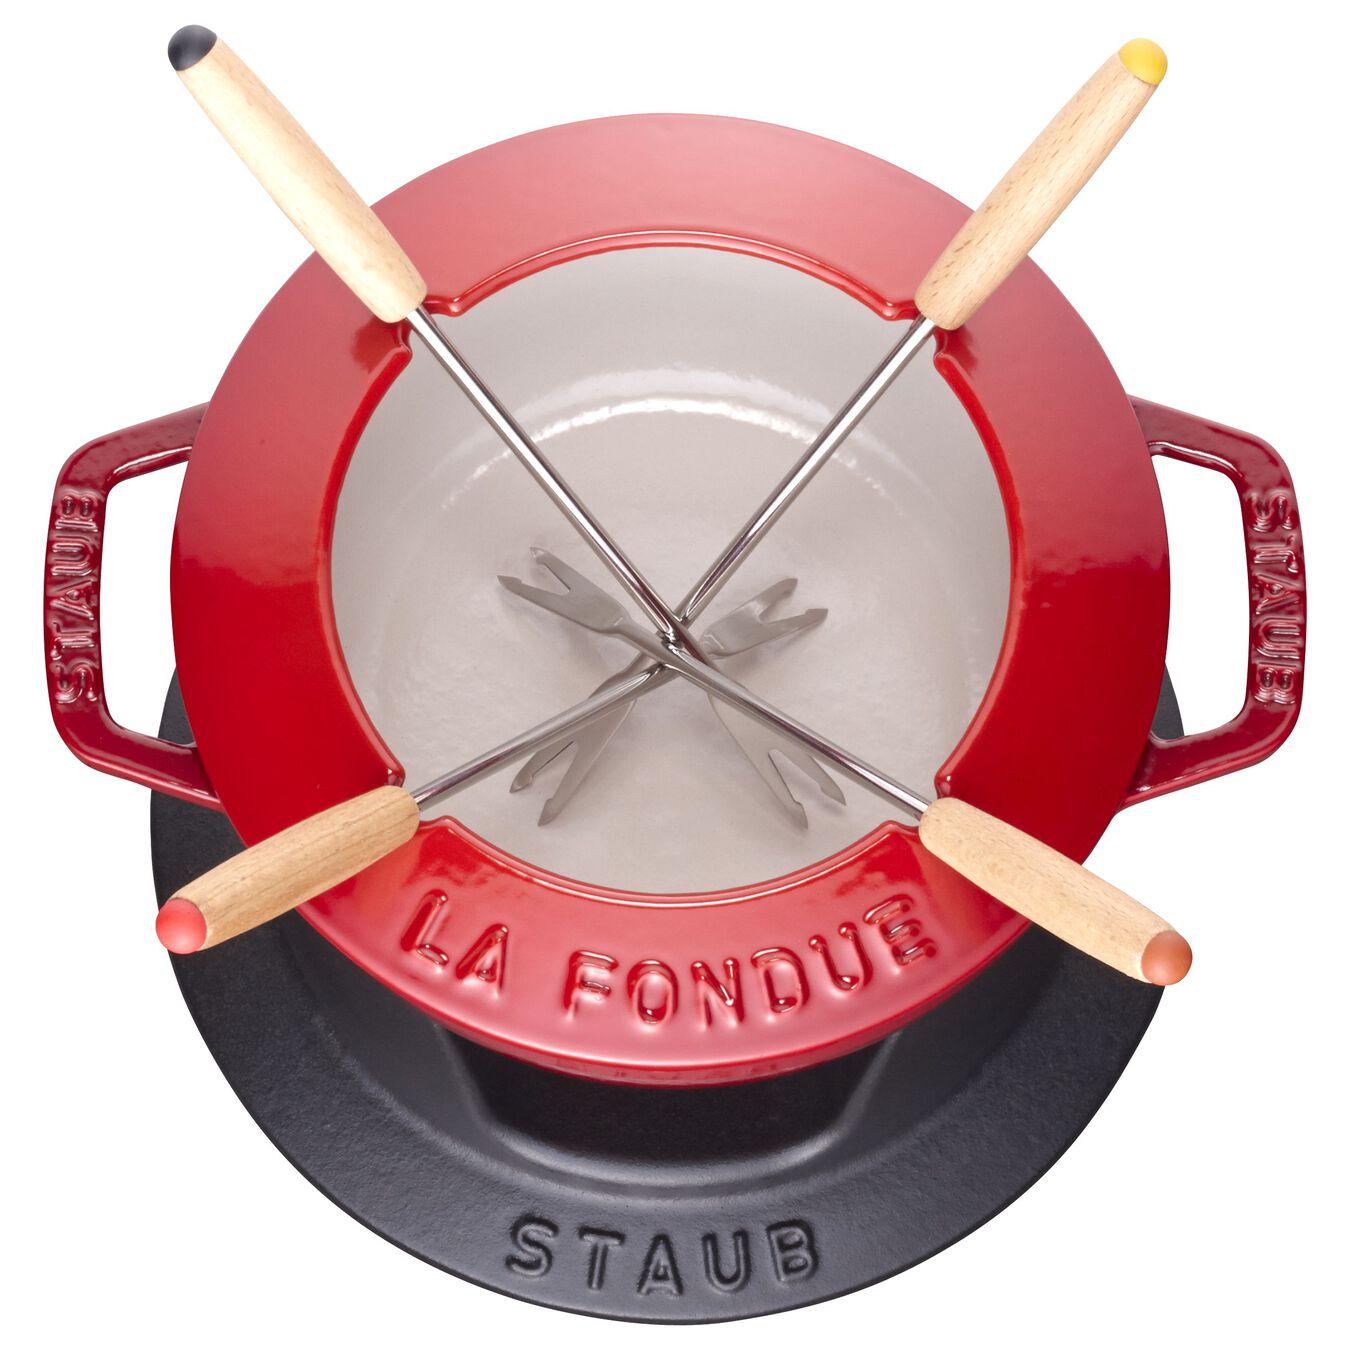 Conjunto para fondue 16 cm, Vermelho cereja,,large 2